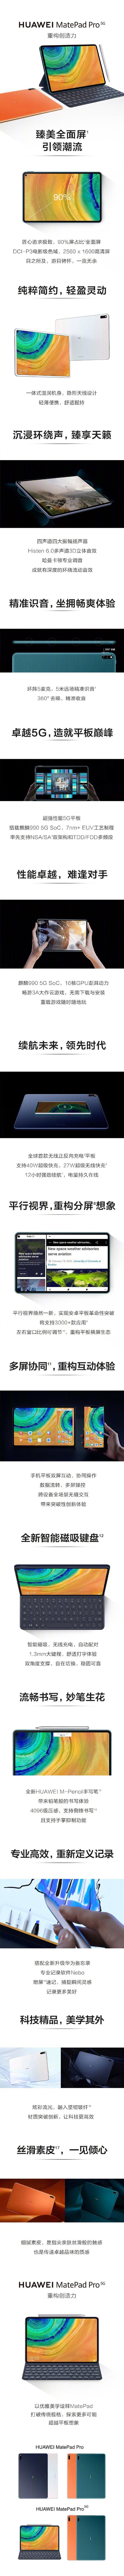 华为MatePad正式公布 90%屏占比+990 5G SoC芯片